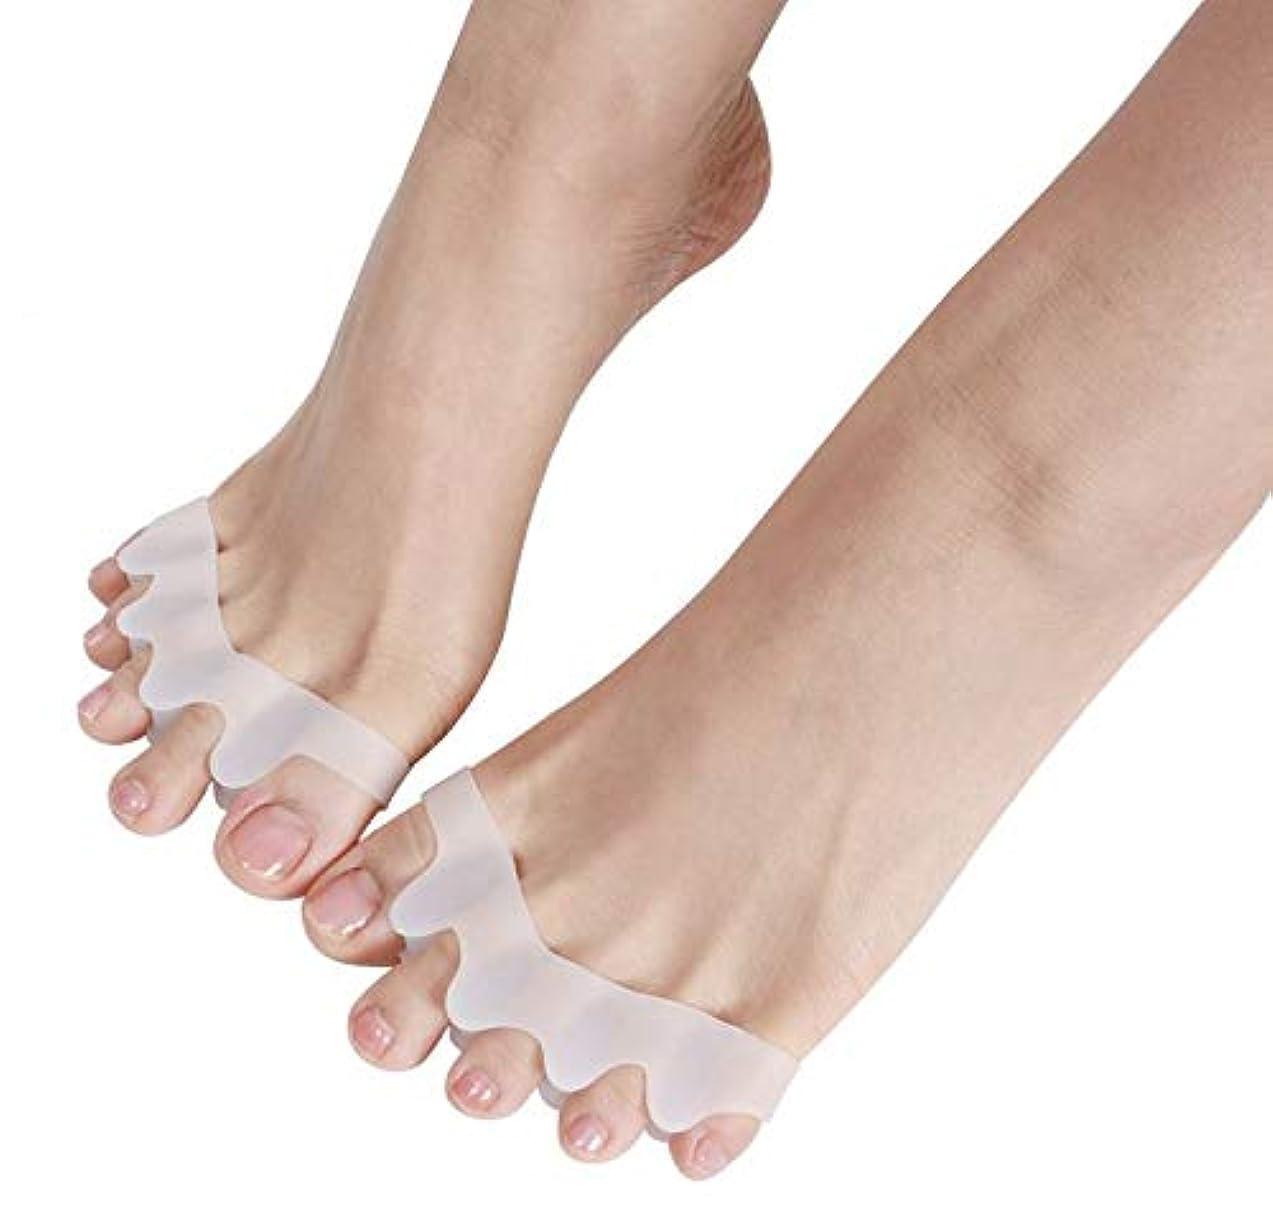 アリーナ時間厳守区lucrubun 足の痛みの対策 ちゃんとしてますか。 足指矯正パッド 外反母趾 足のゆがみ 男女性兼用 シリコンサポーター 両足セット 足の痛み対策に 足指矯正シリコンサポーター 外反母趾の矯正にも効果的 男女兼用 洗...